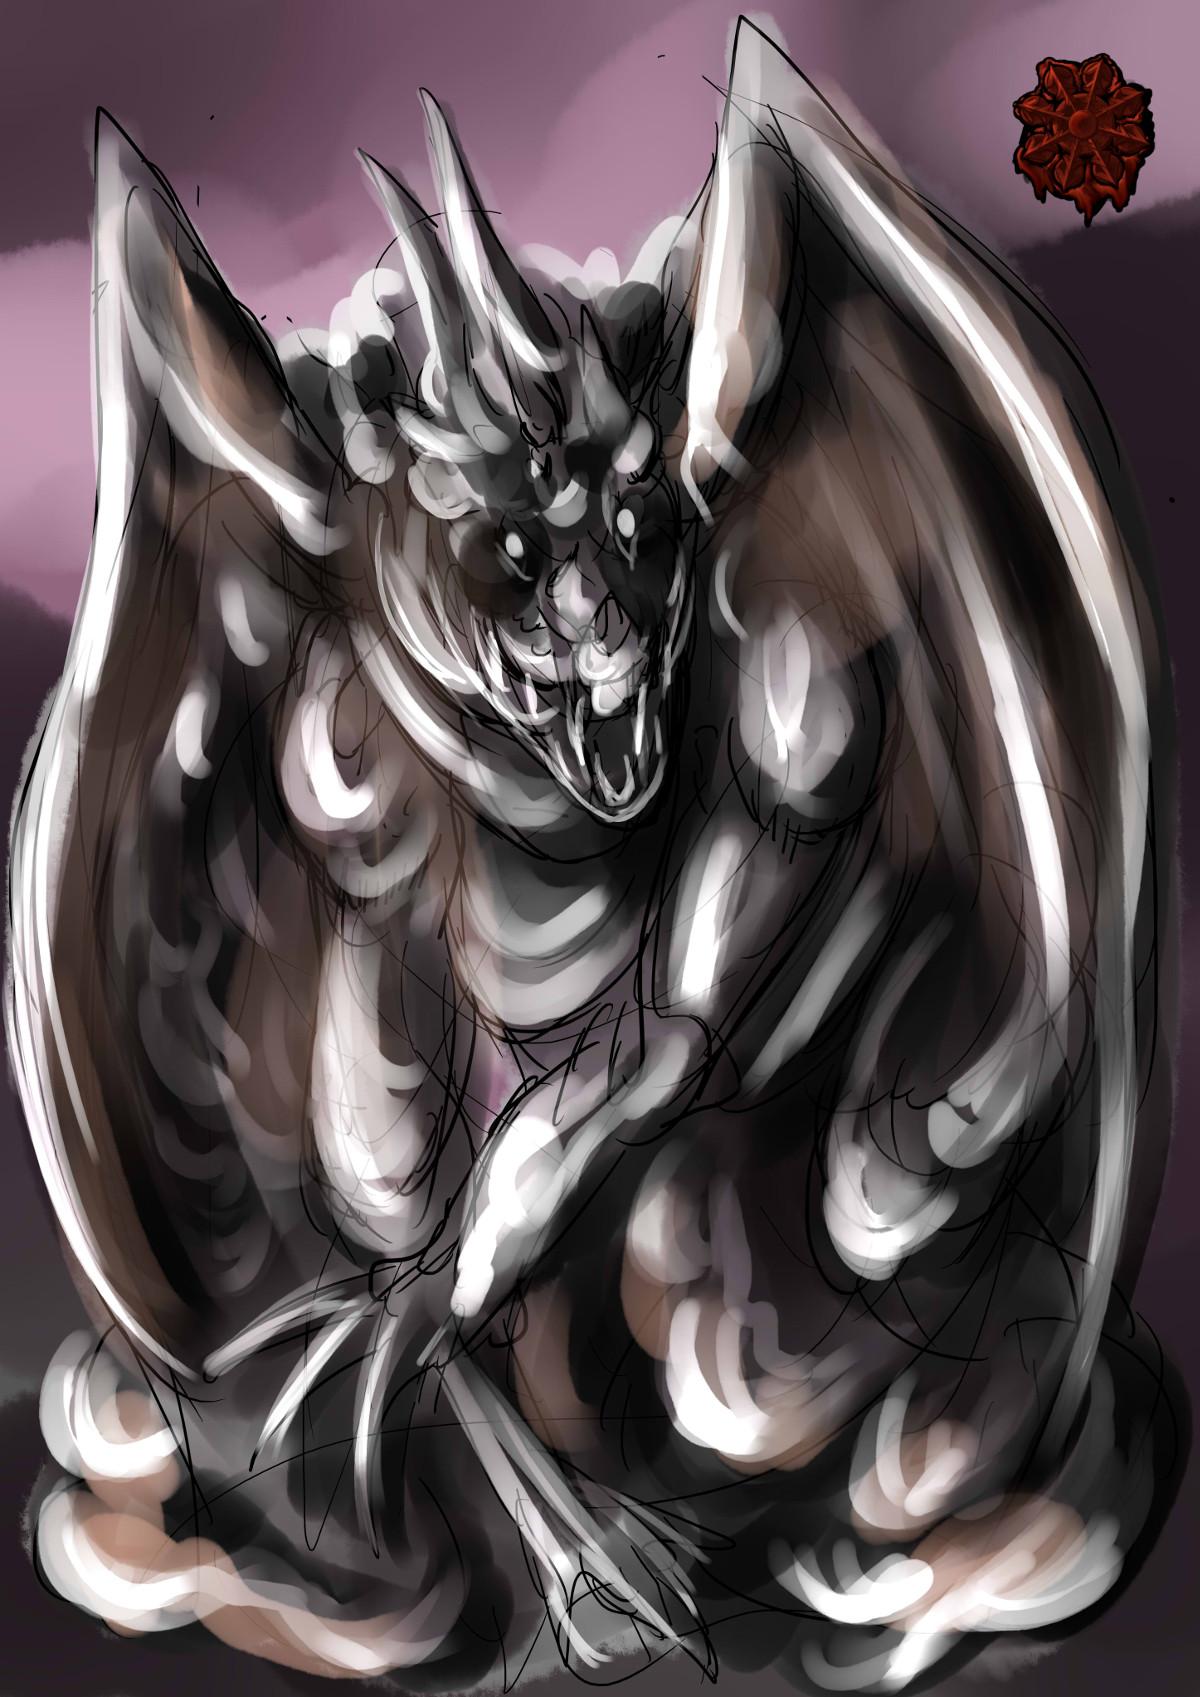 クイックシルバー・ドラゴン